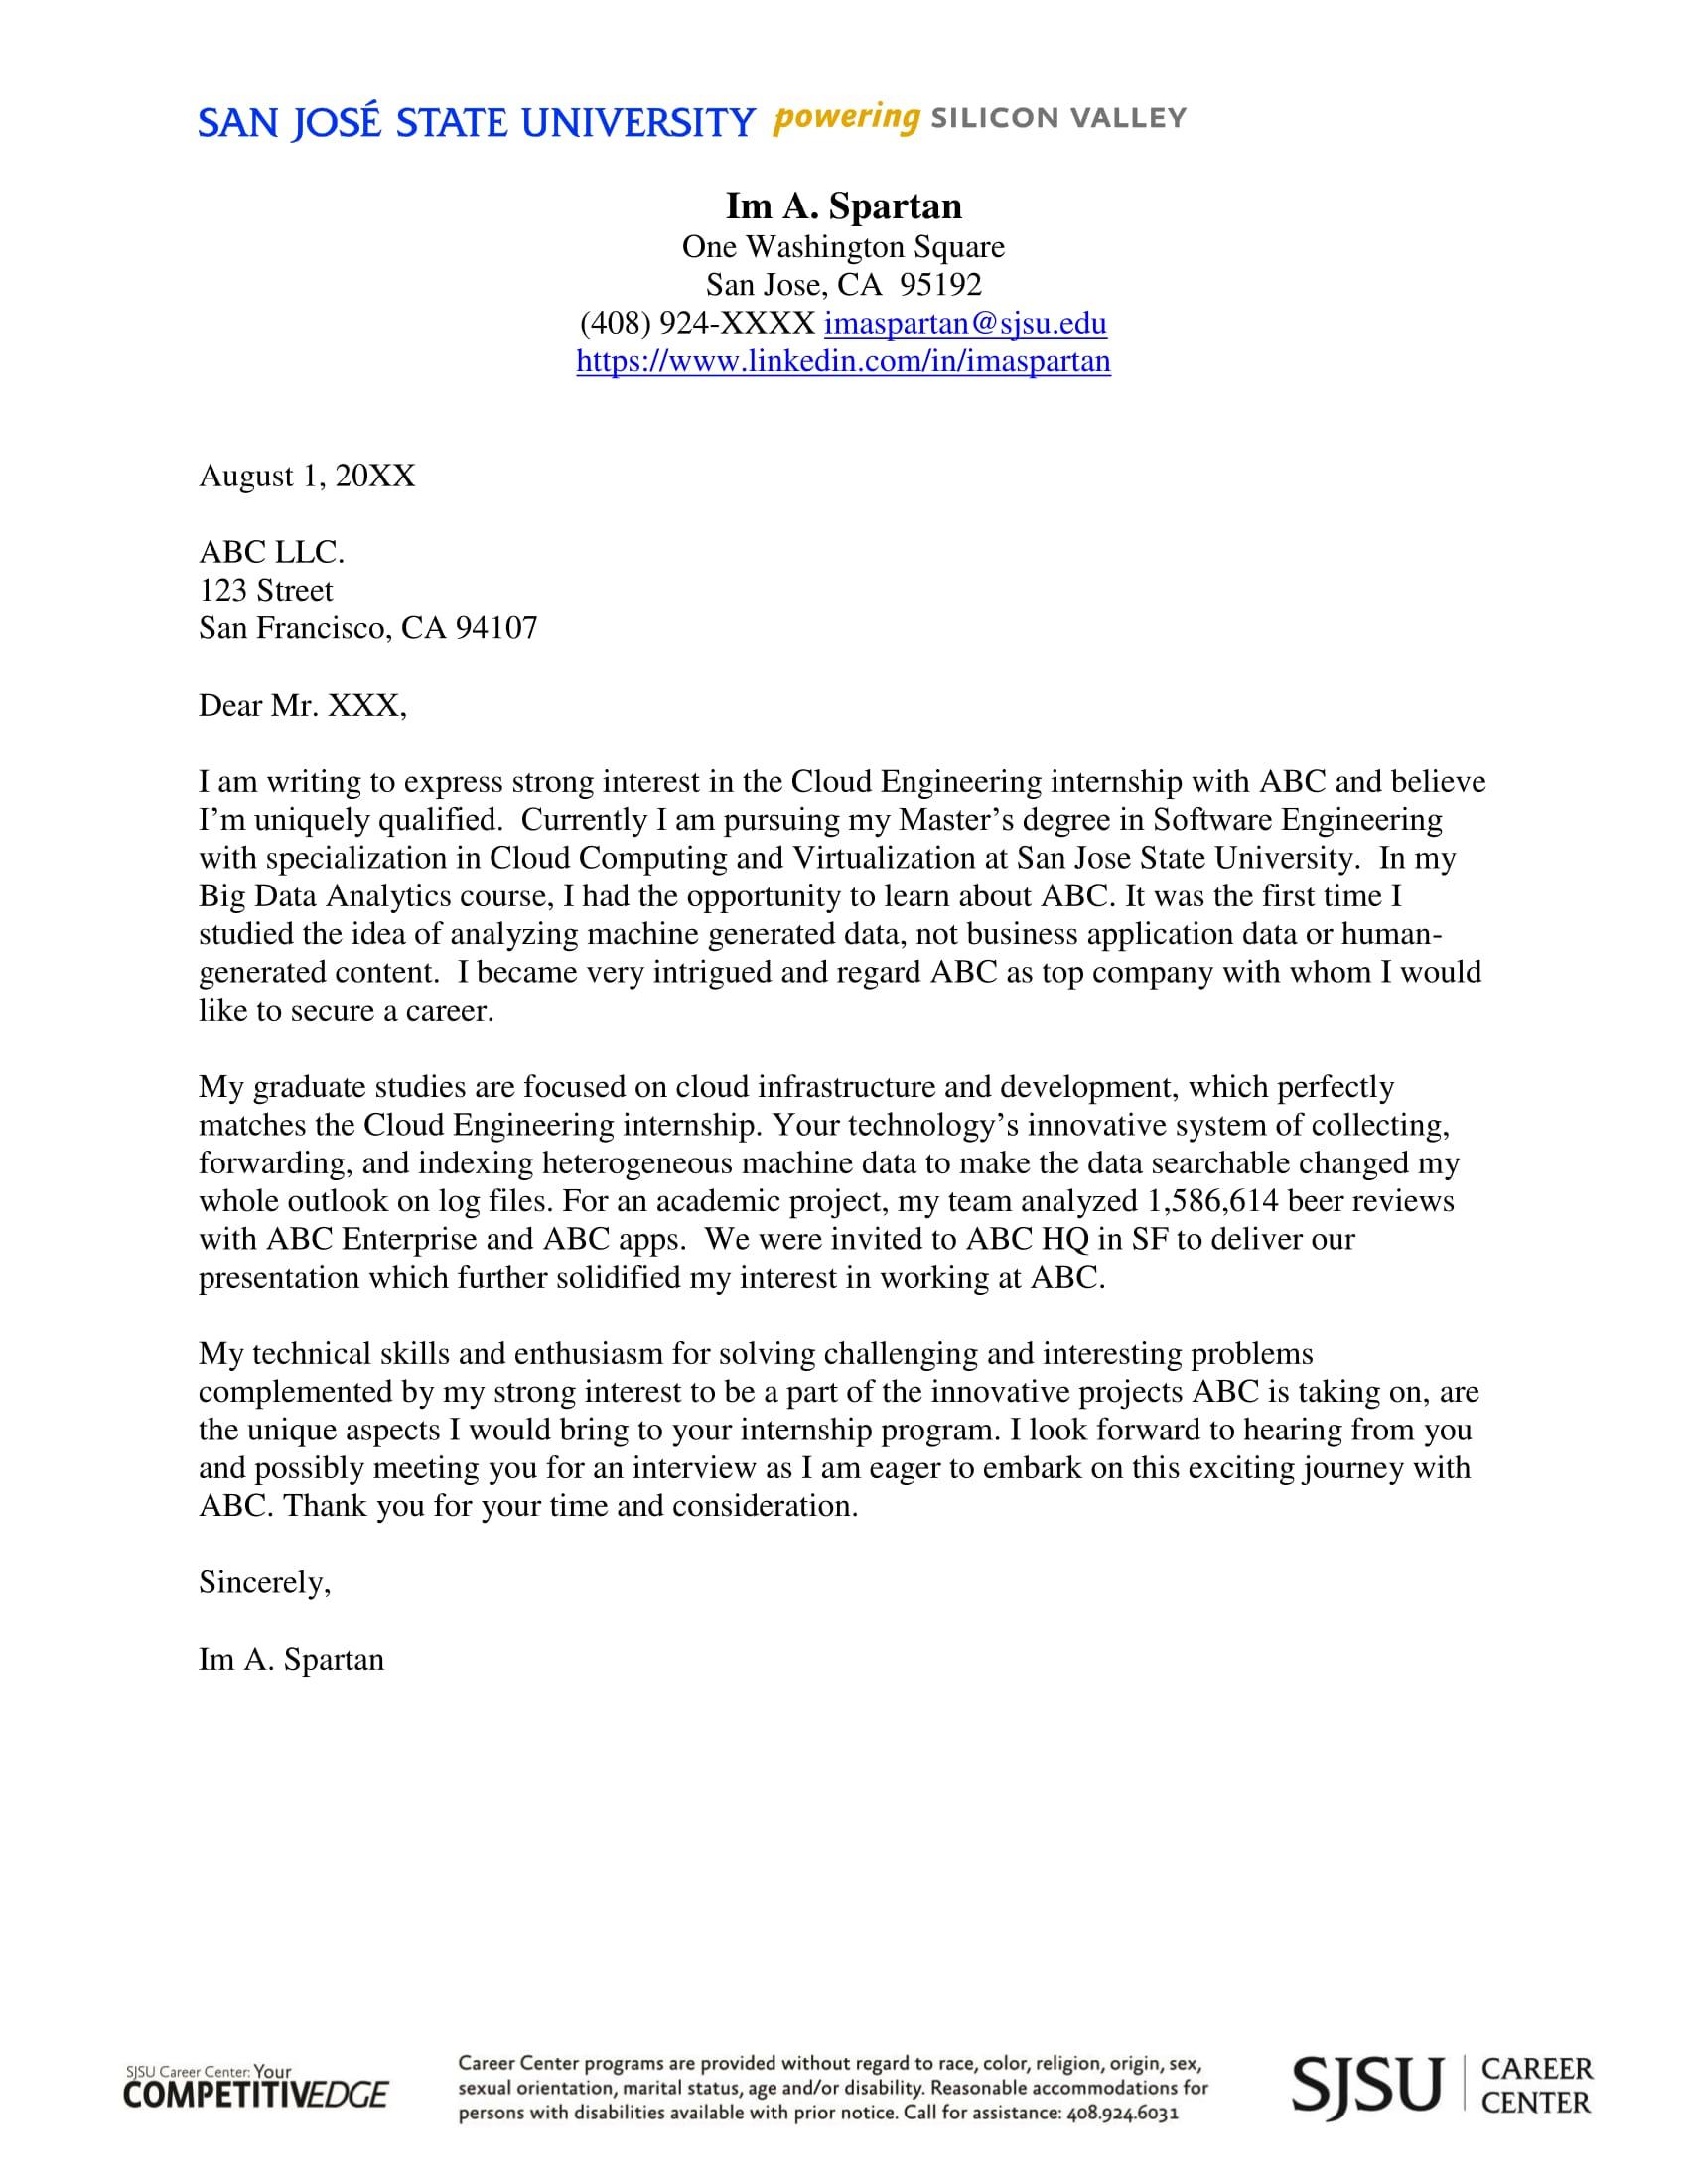 Technical Job Cover Letter Sample - azwg.tk